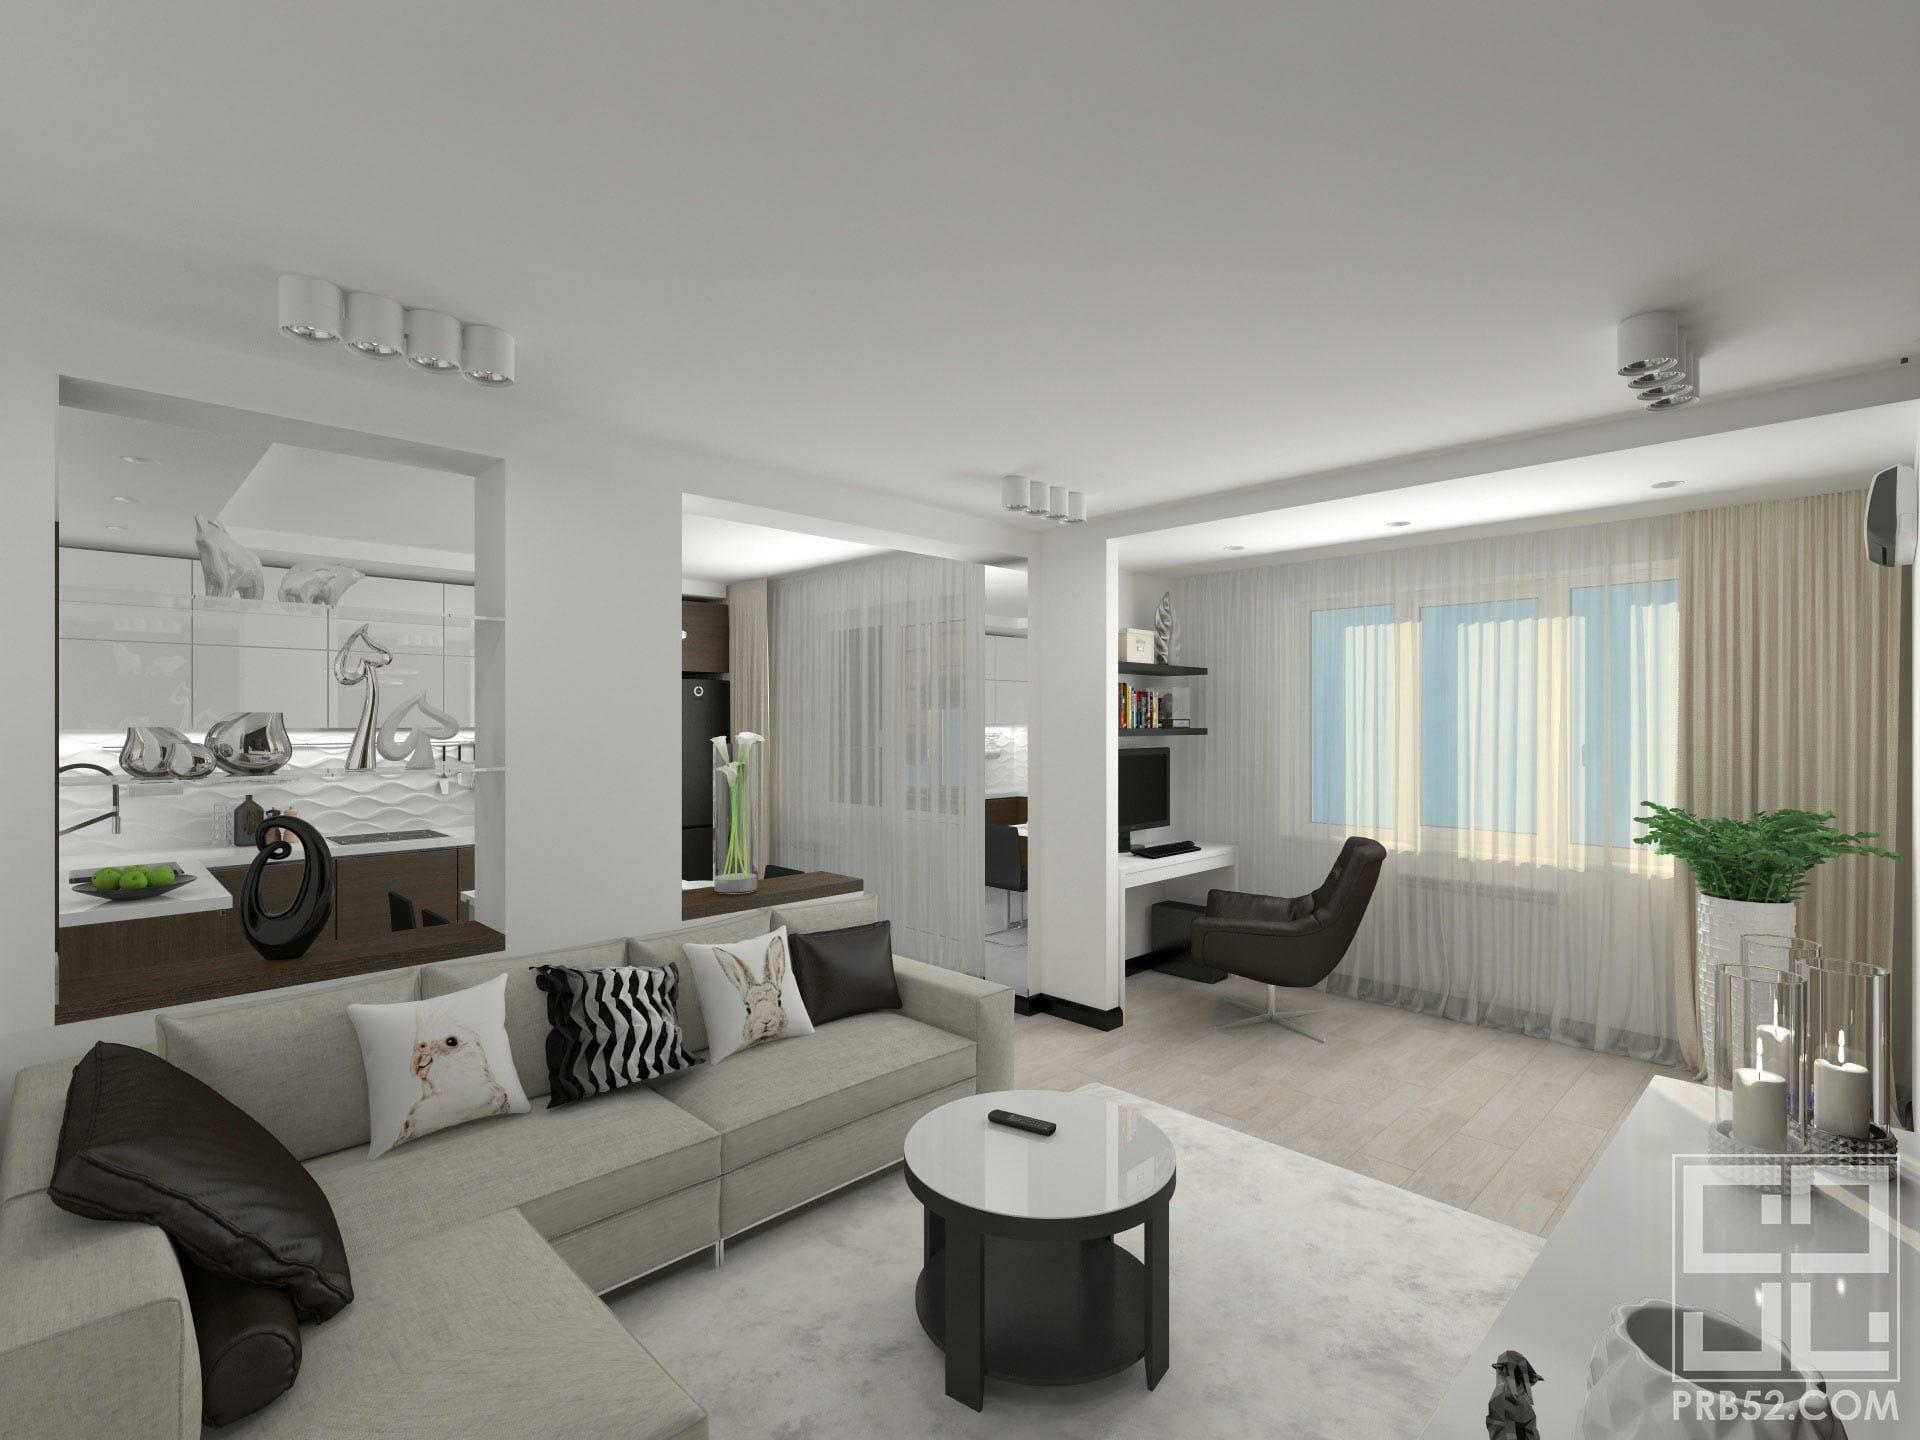 дизайн интерьера гостиная совмещенная с кухней